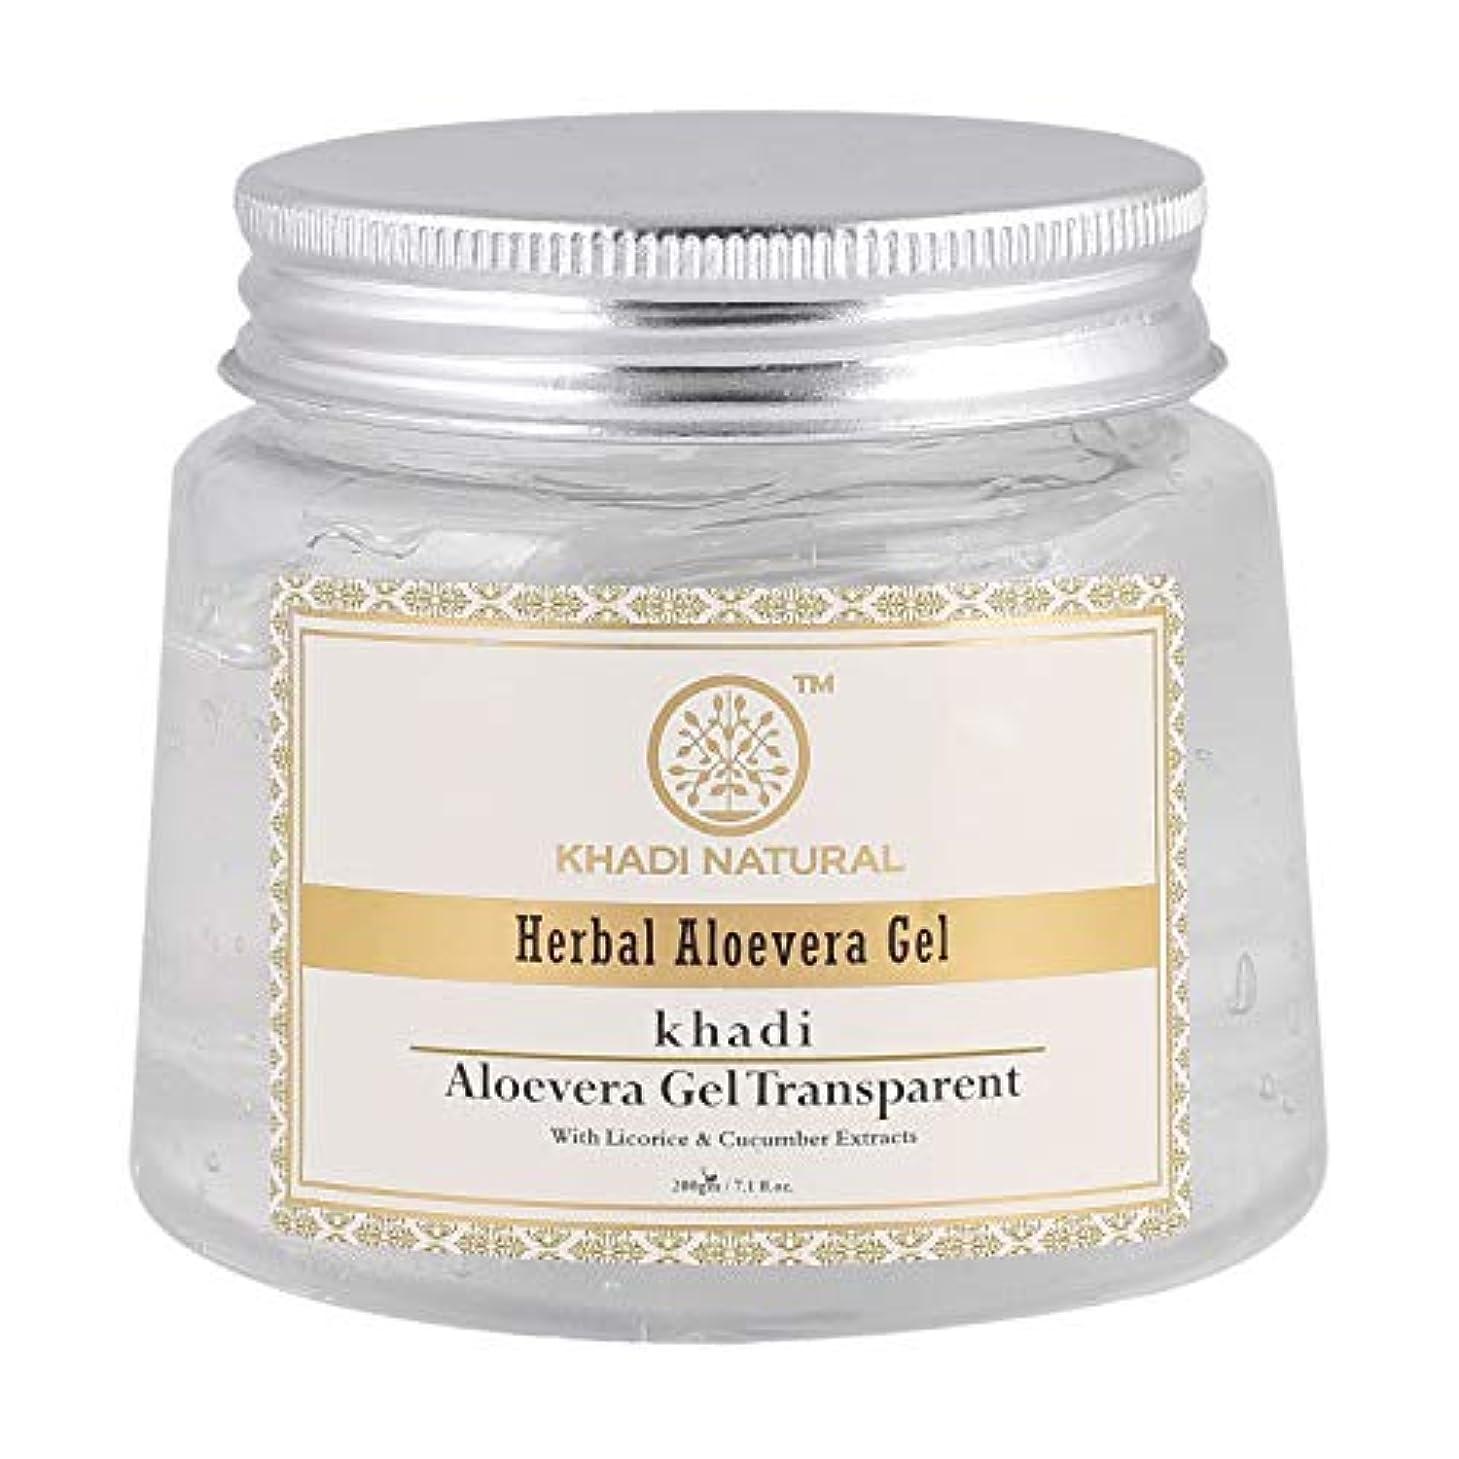 ヘッドレス主にラジエーターKhadi Natural Herbal Aloevera Gel With Liqorice & Cucumber Extracts 200g